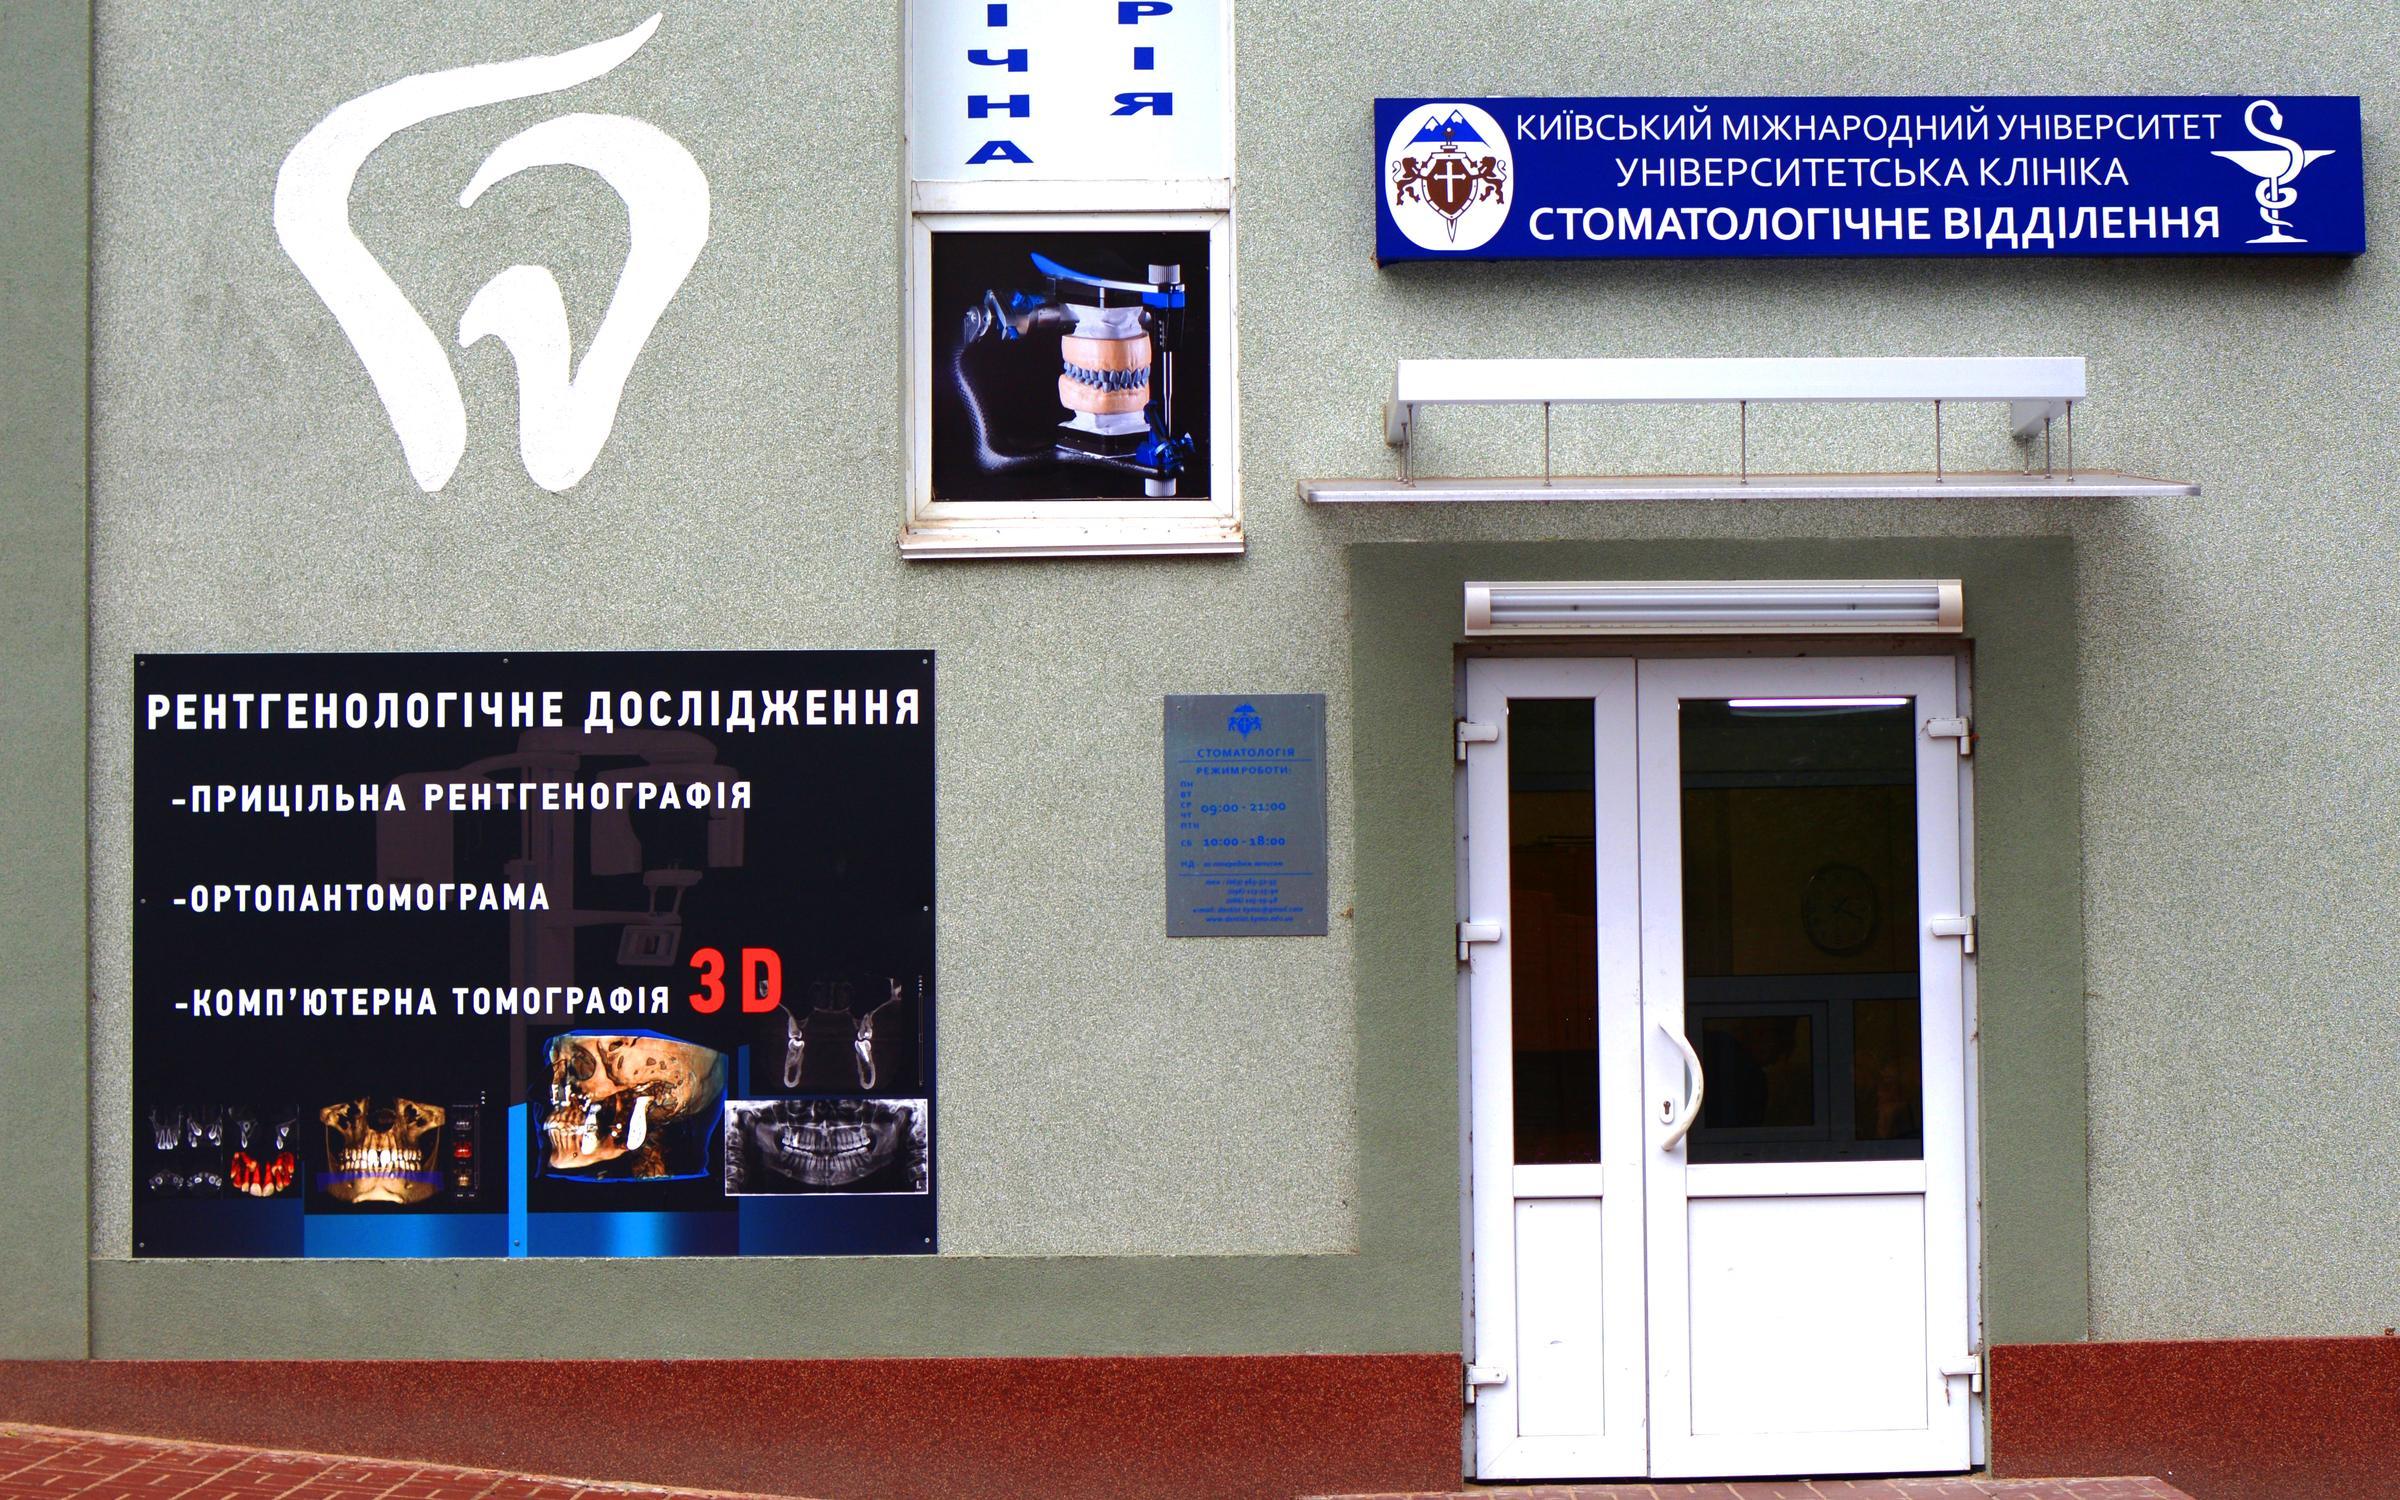 фотография Университетская клиника на Львовской улице